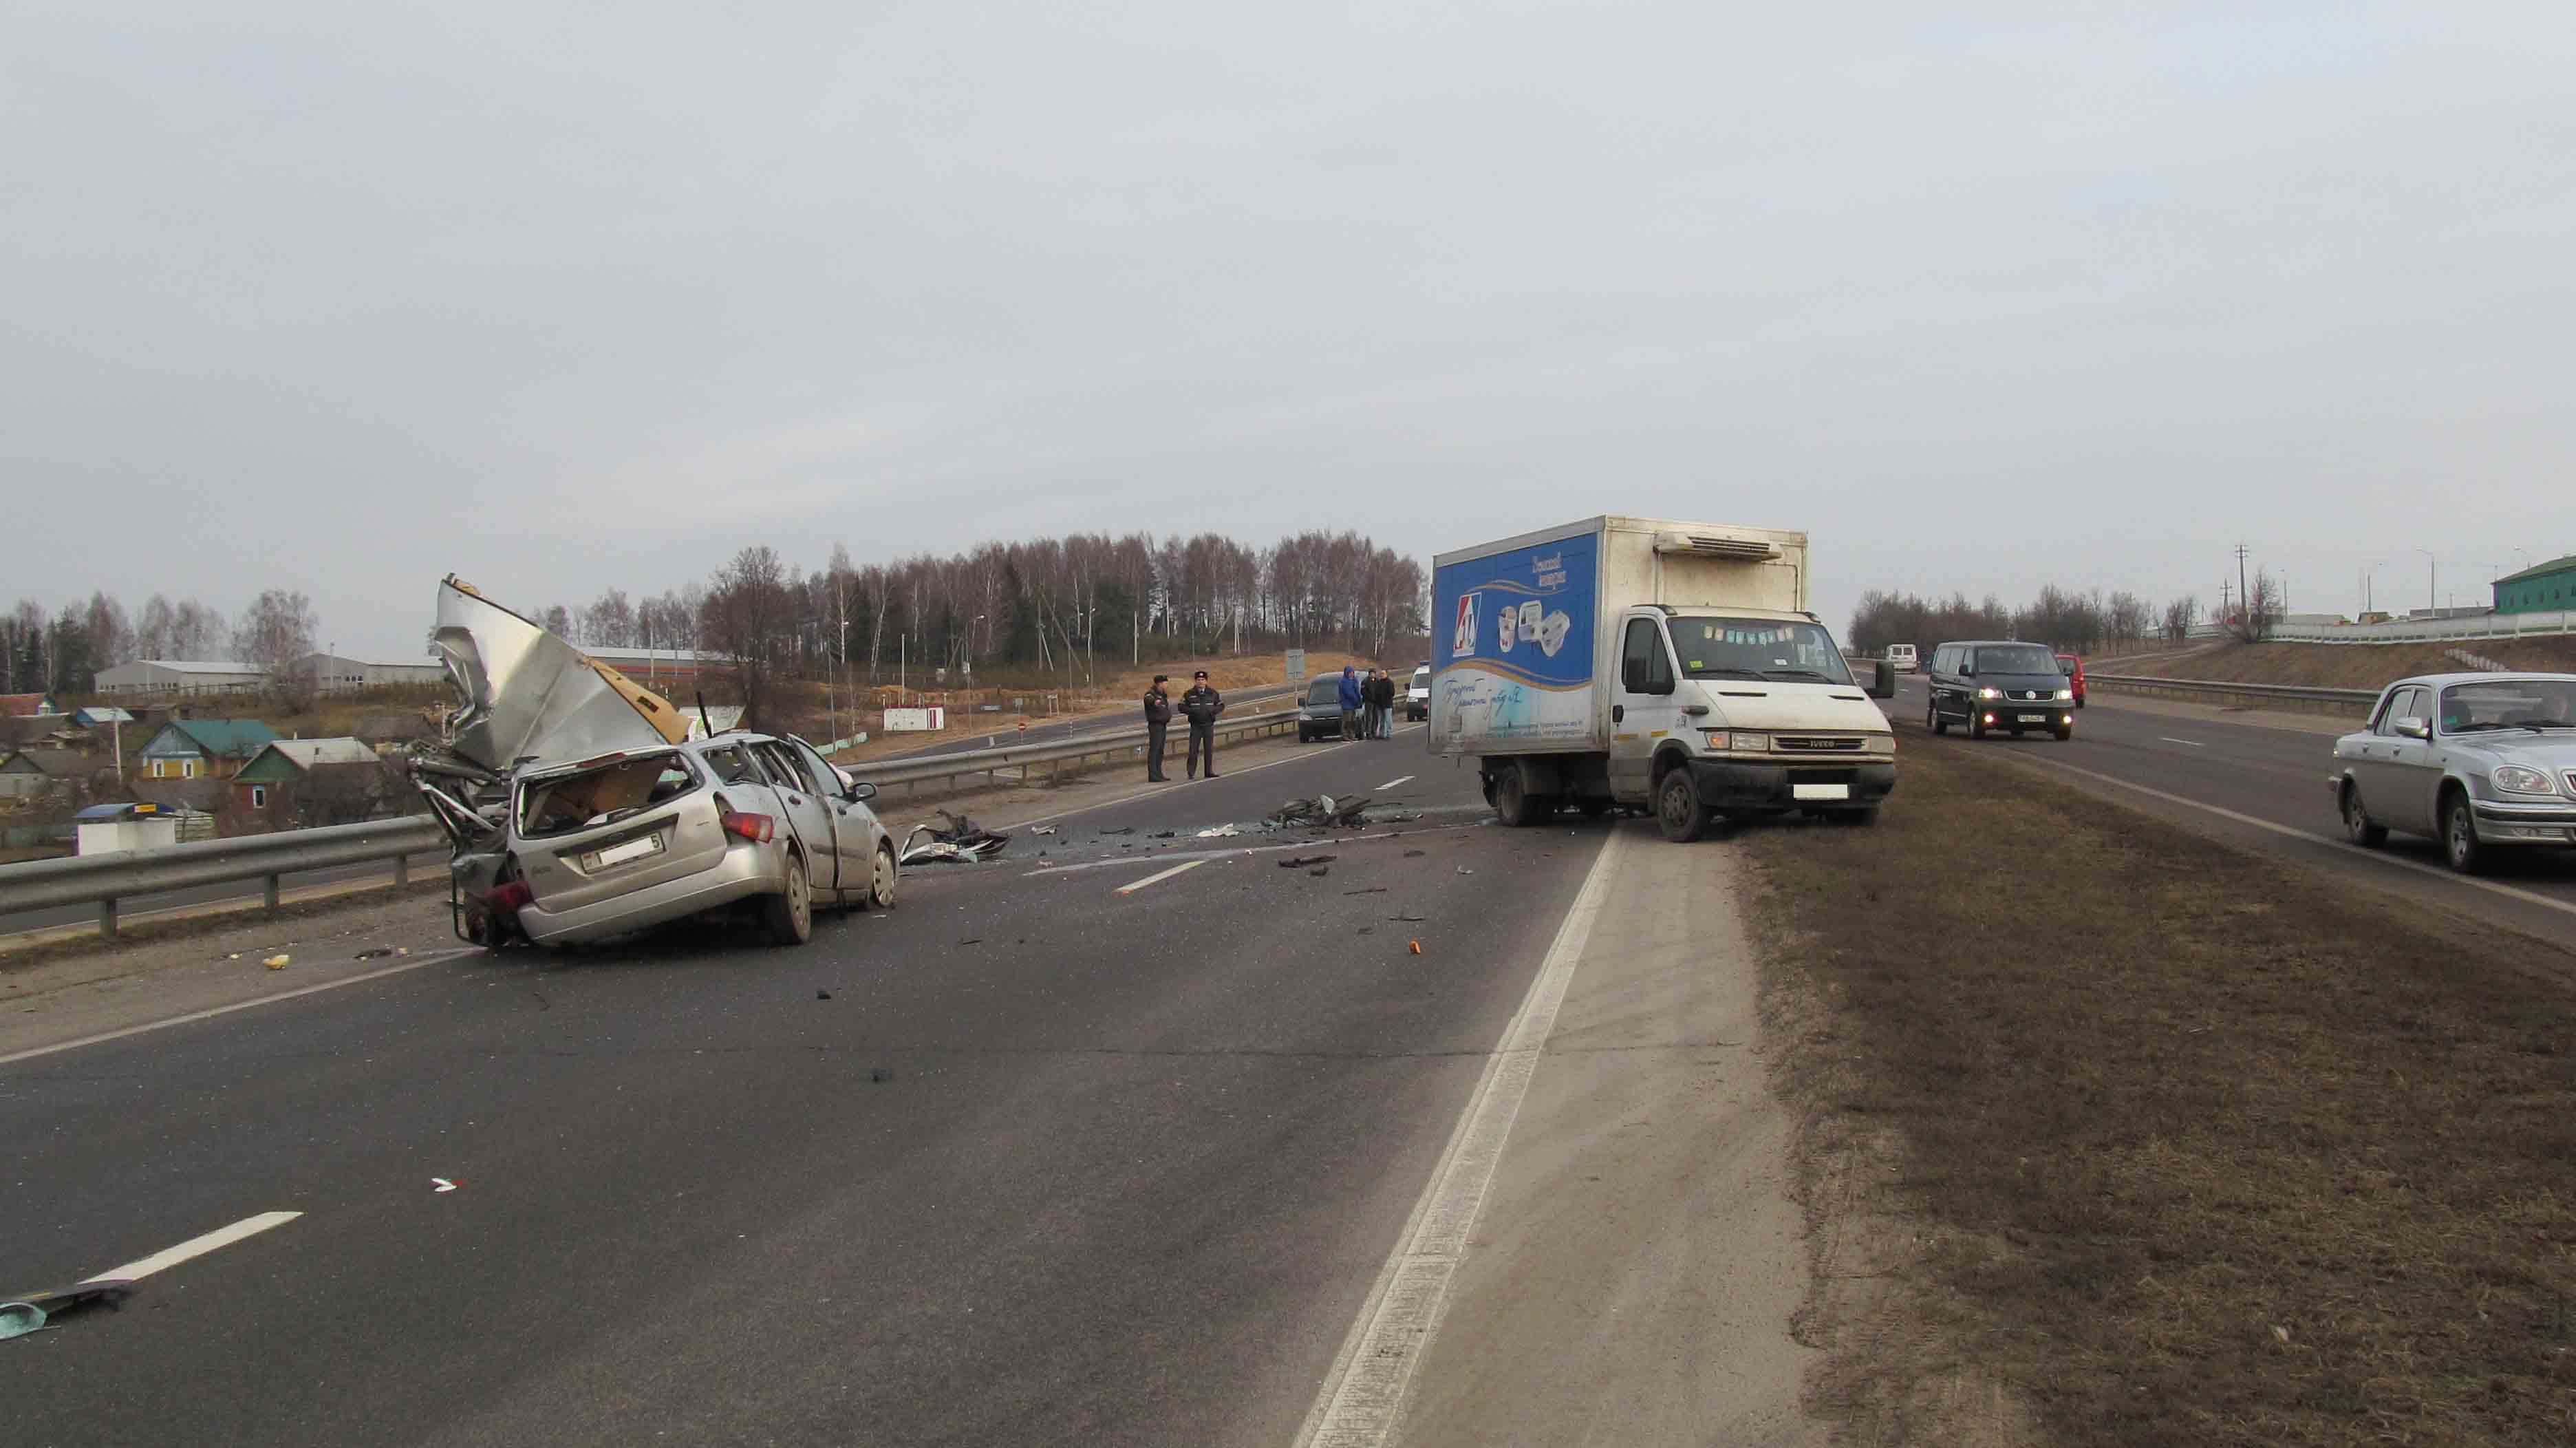 авария, столкновение, ДТП, грузовик, легковушка, погибли, реанимация, пострадавший, изношенный, шины